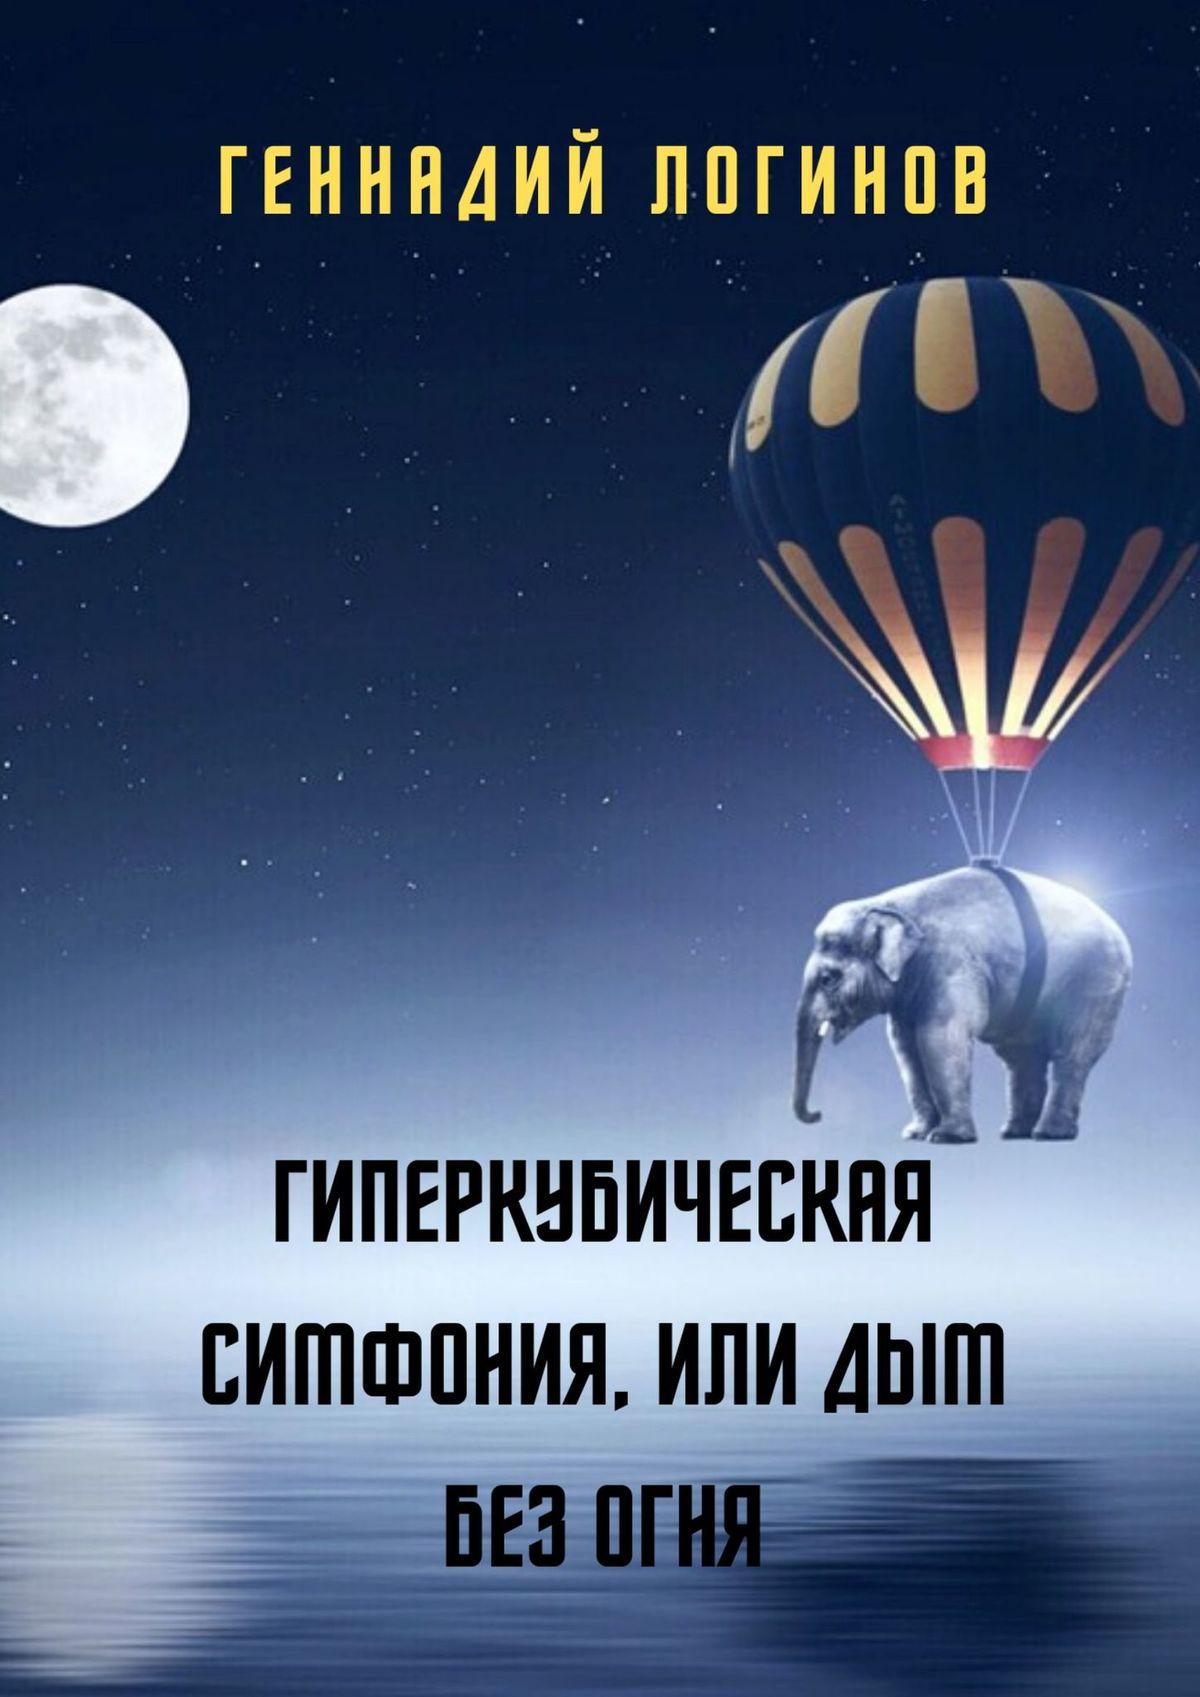 Геннадий Логинов Гиперкубическая симфония, или Дым безогня. История насон грядущий